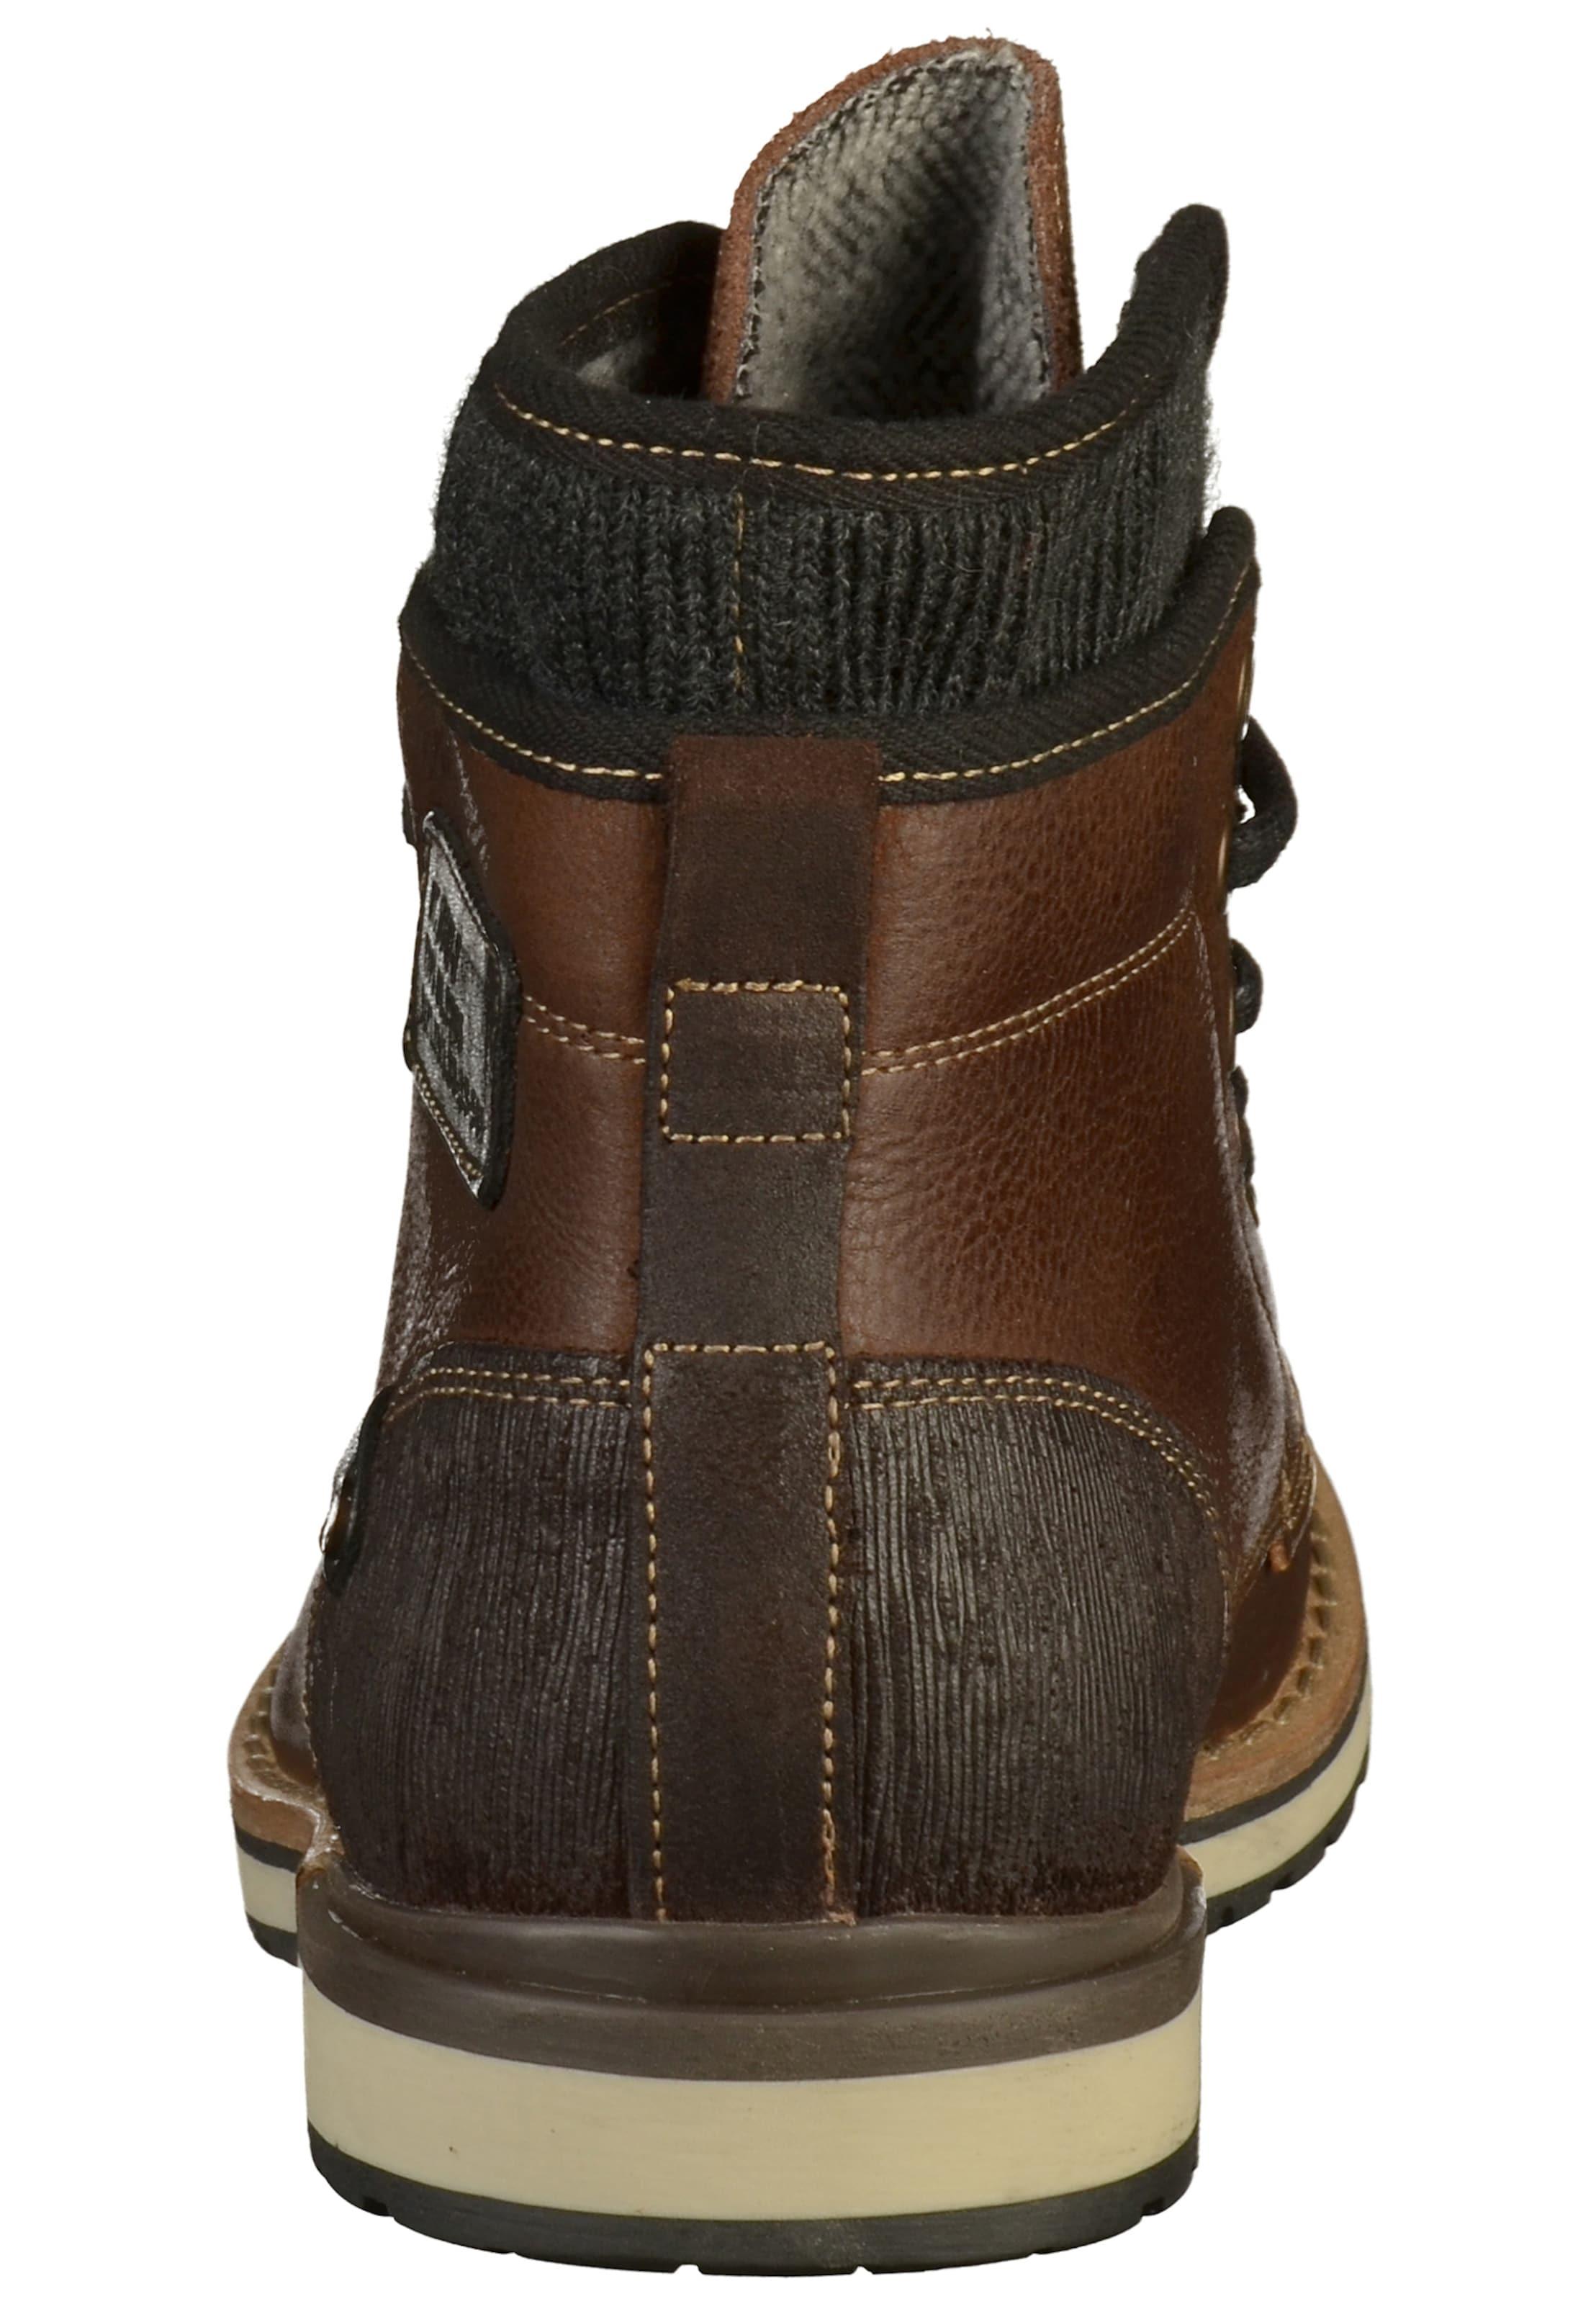 BULLBOXER Stiefelette Leder, Textil Billige Herren- und Damenschuhe Damenschuhe Damenschuhe aab4a4